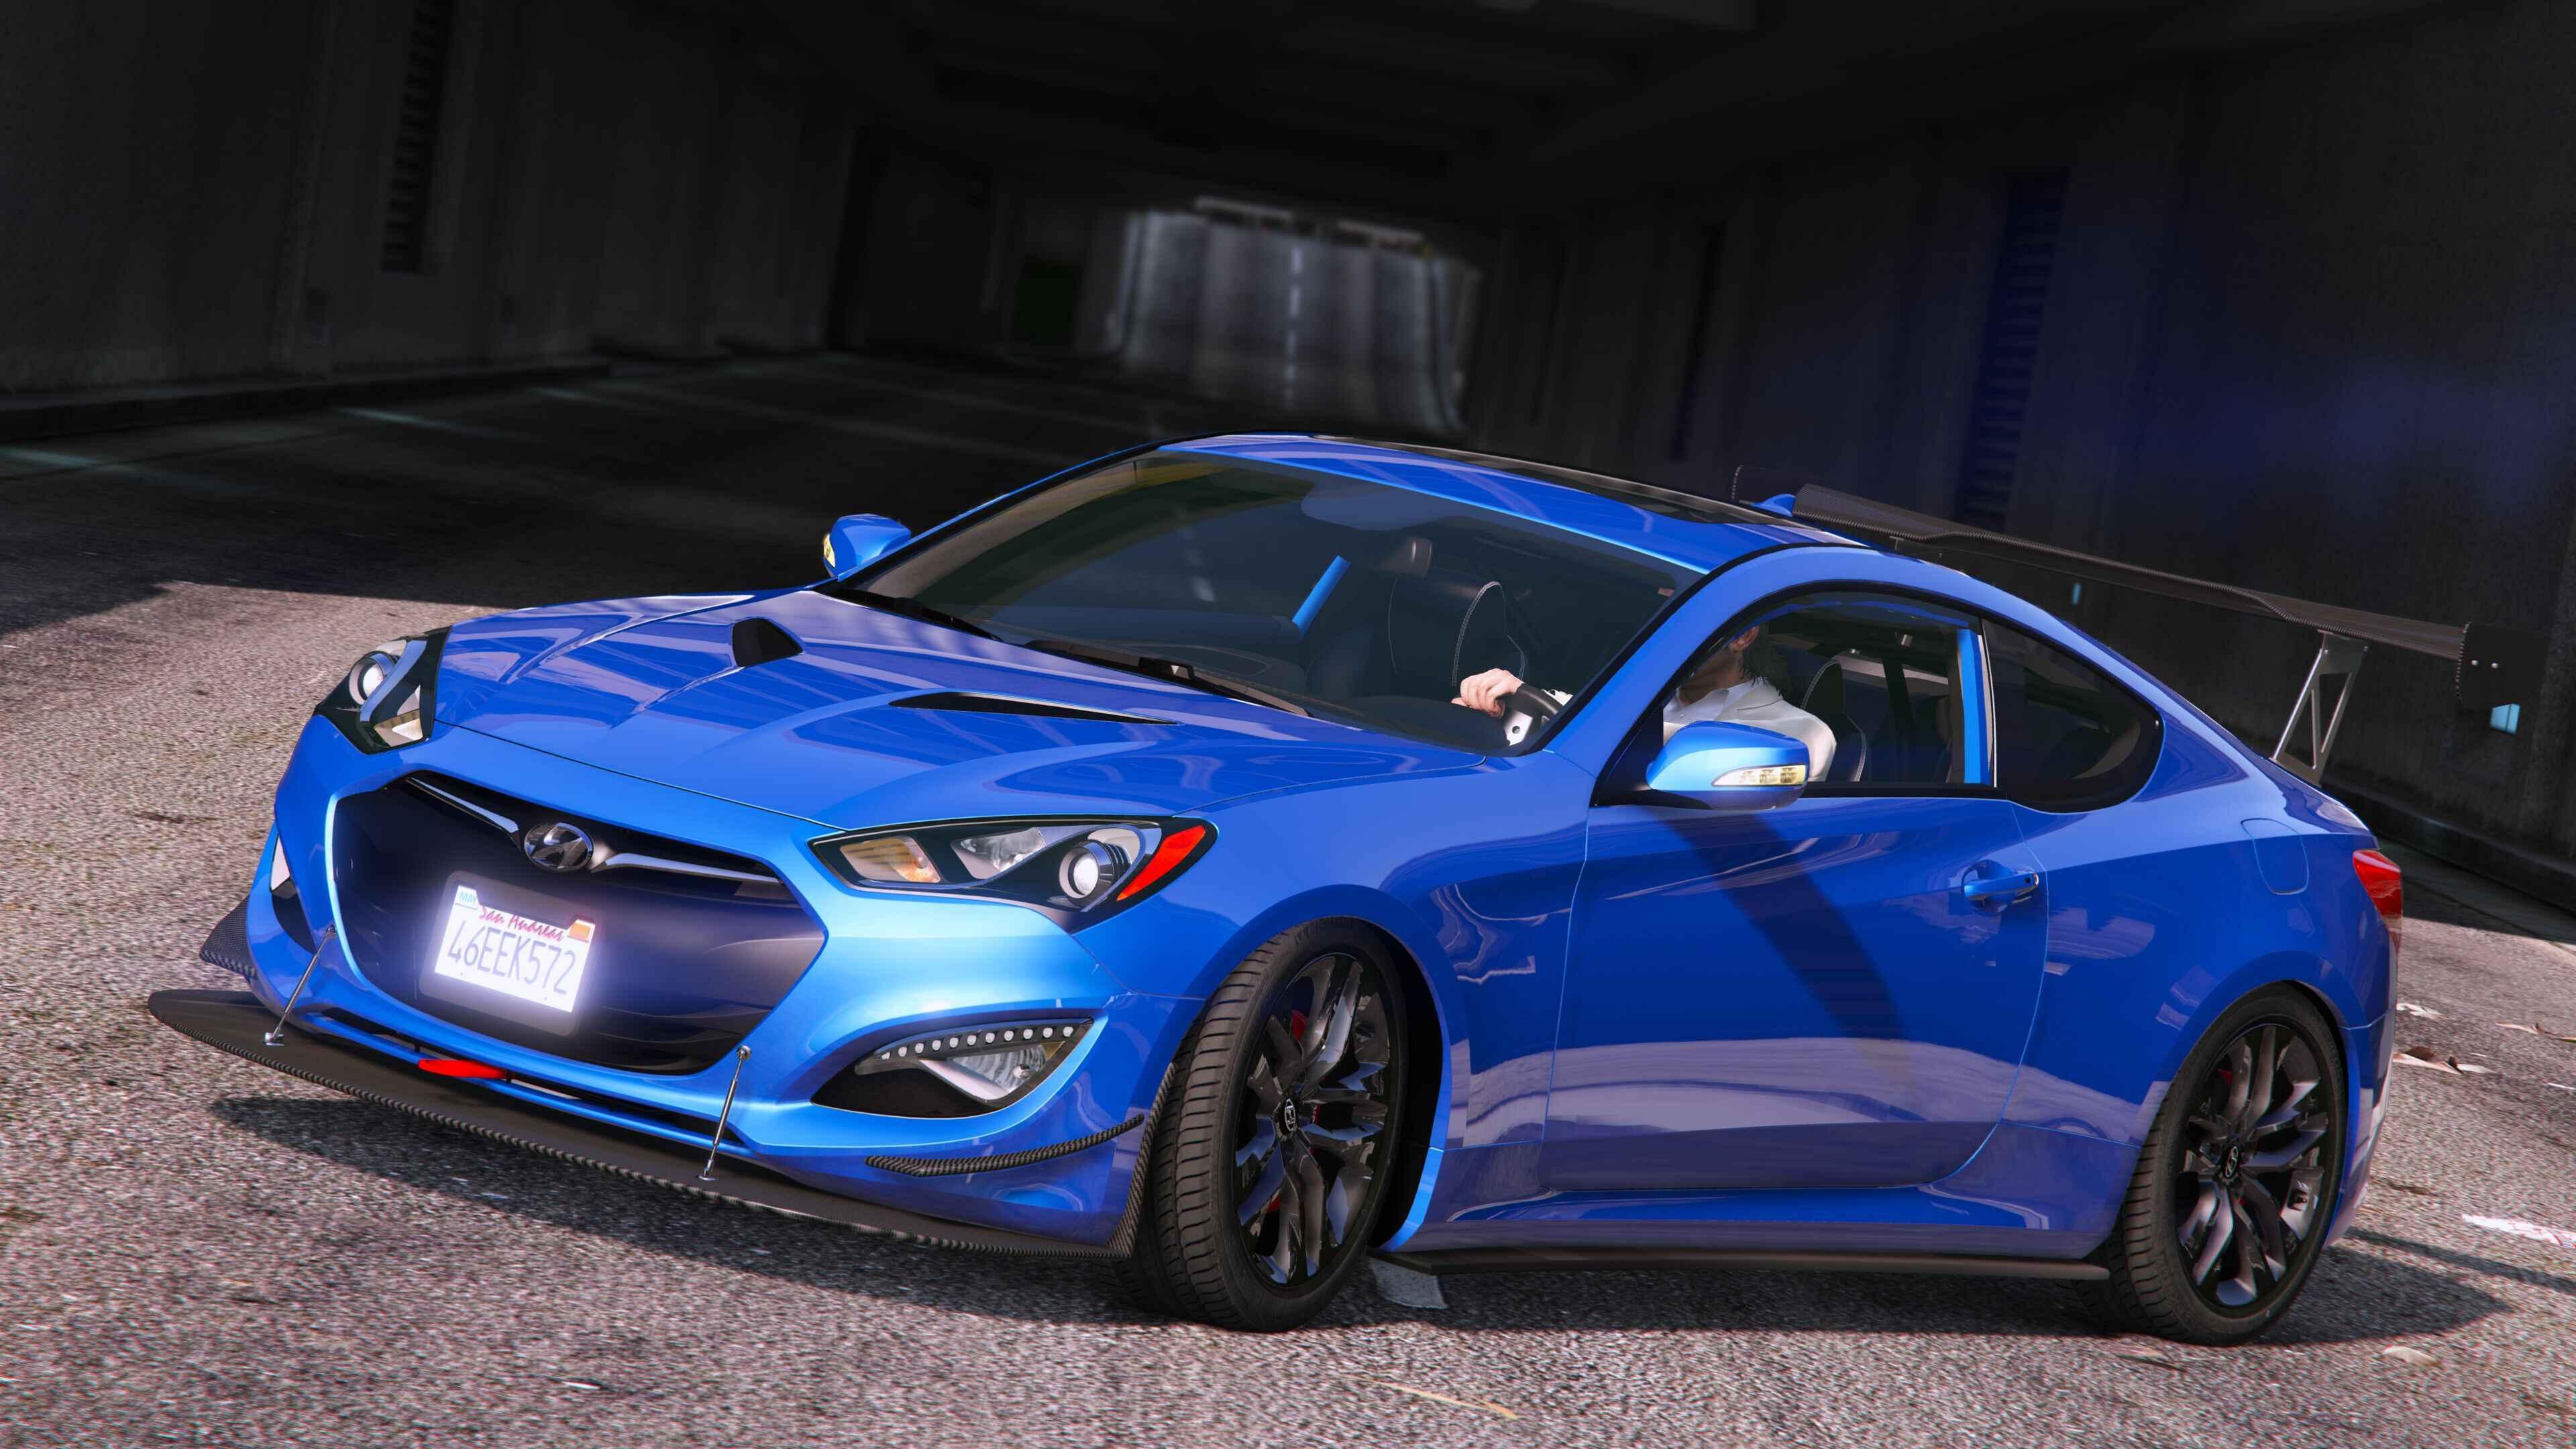 【GTA5】車Mod ヒュンダイ・ジェネシス クーペ 2013